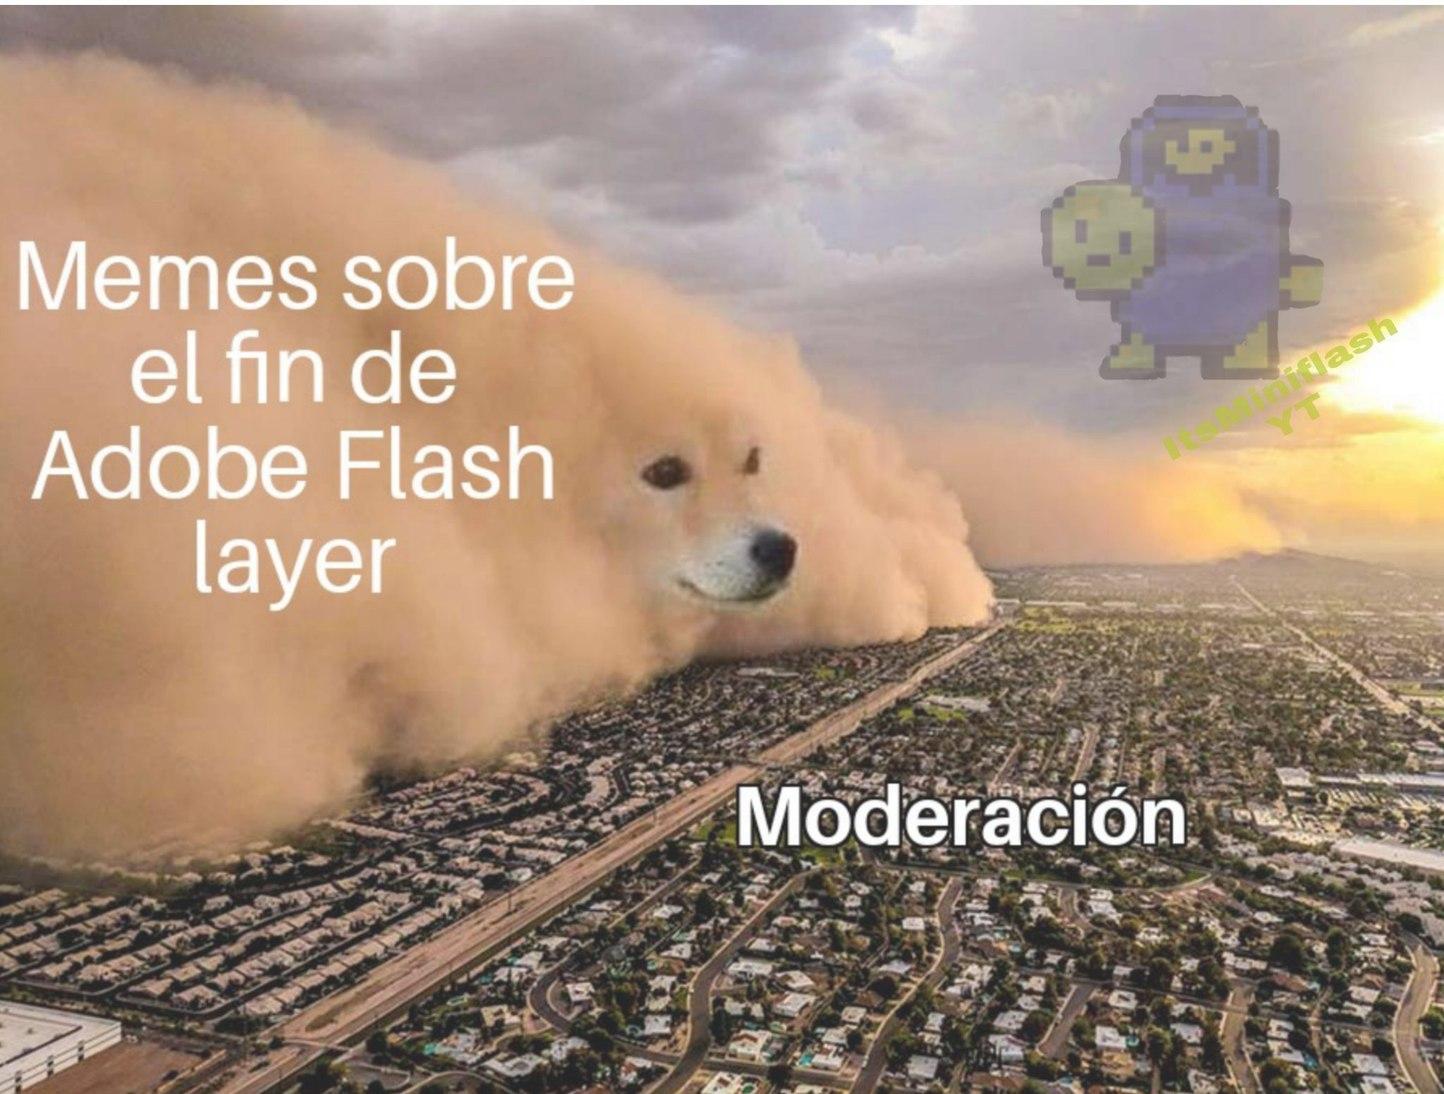 Si, da pena que Adobe Flash Player muera y todo eso para no hace falta hacer esos memes de mierda